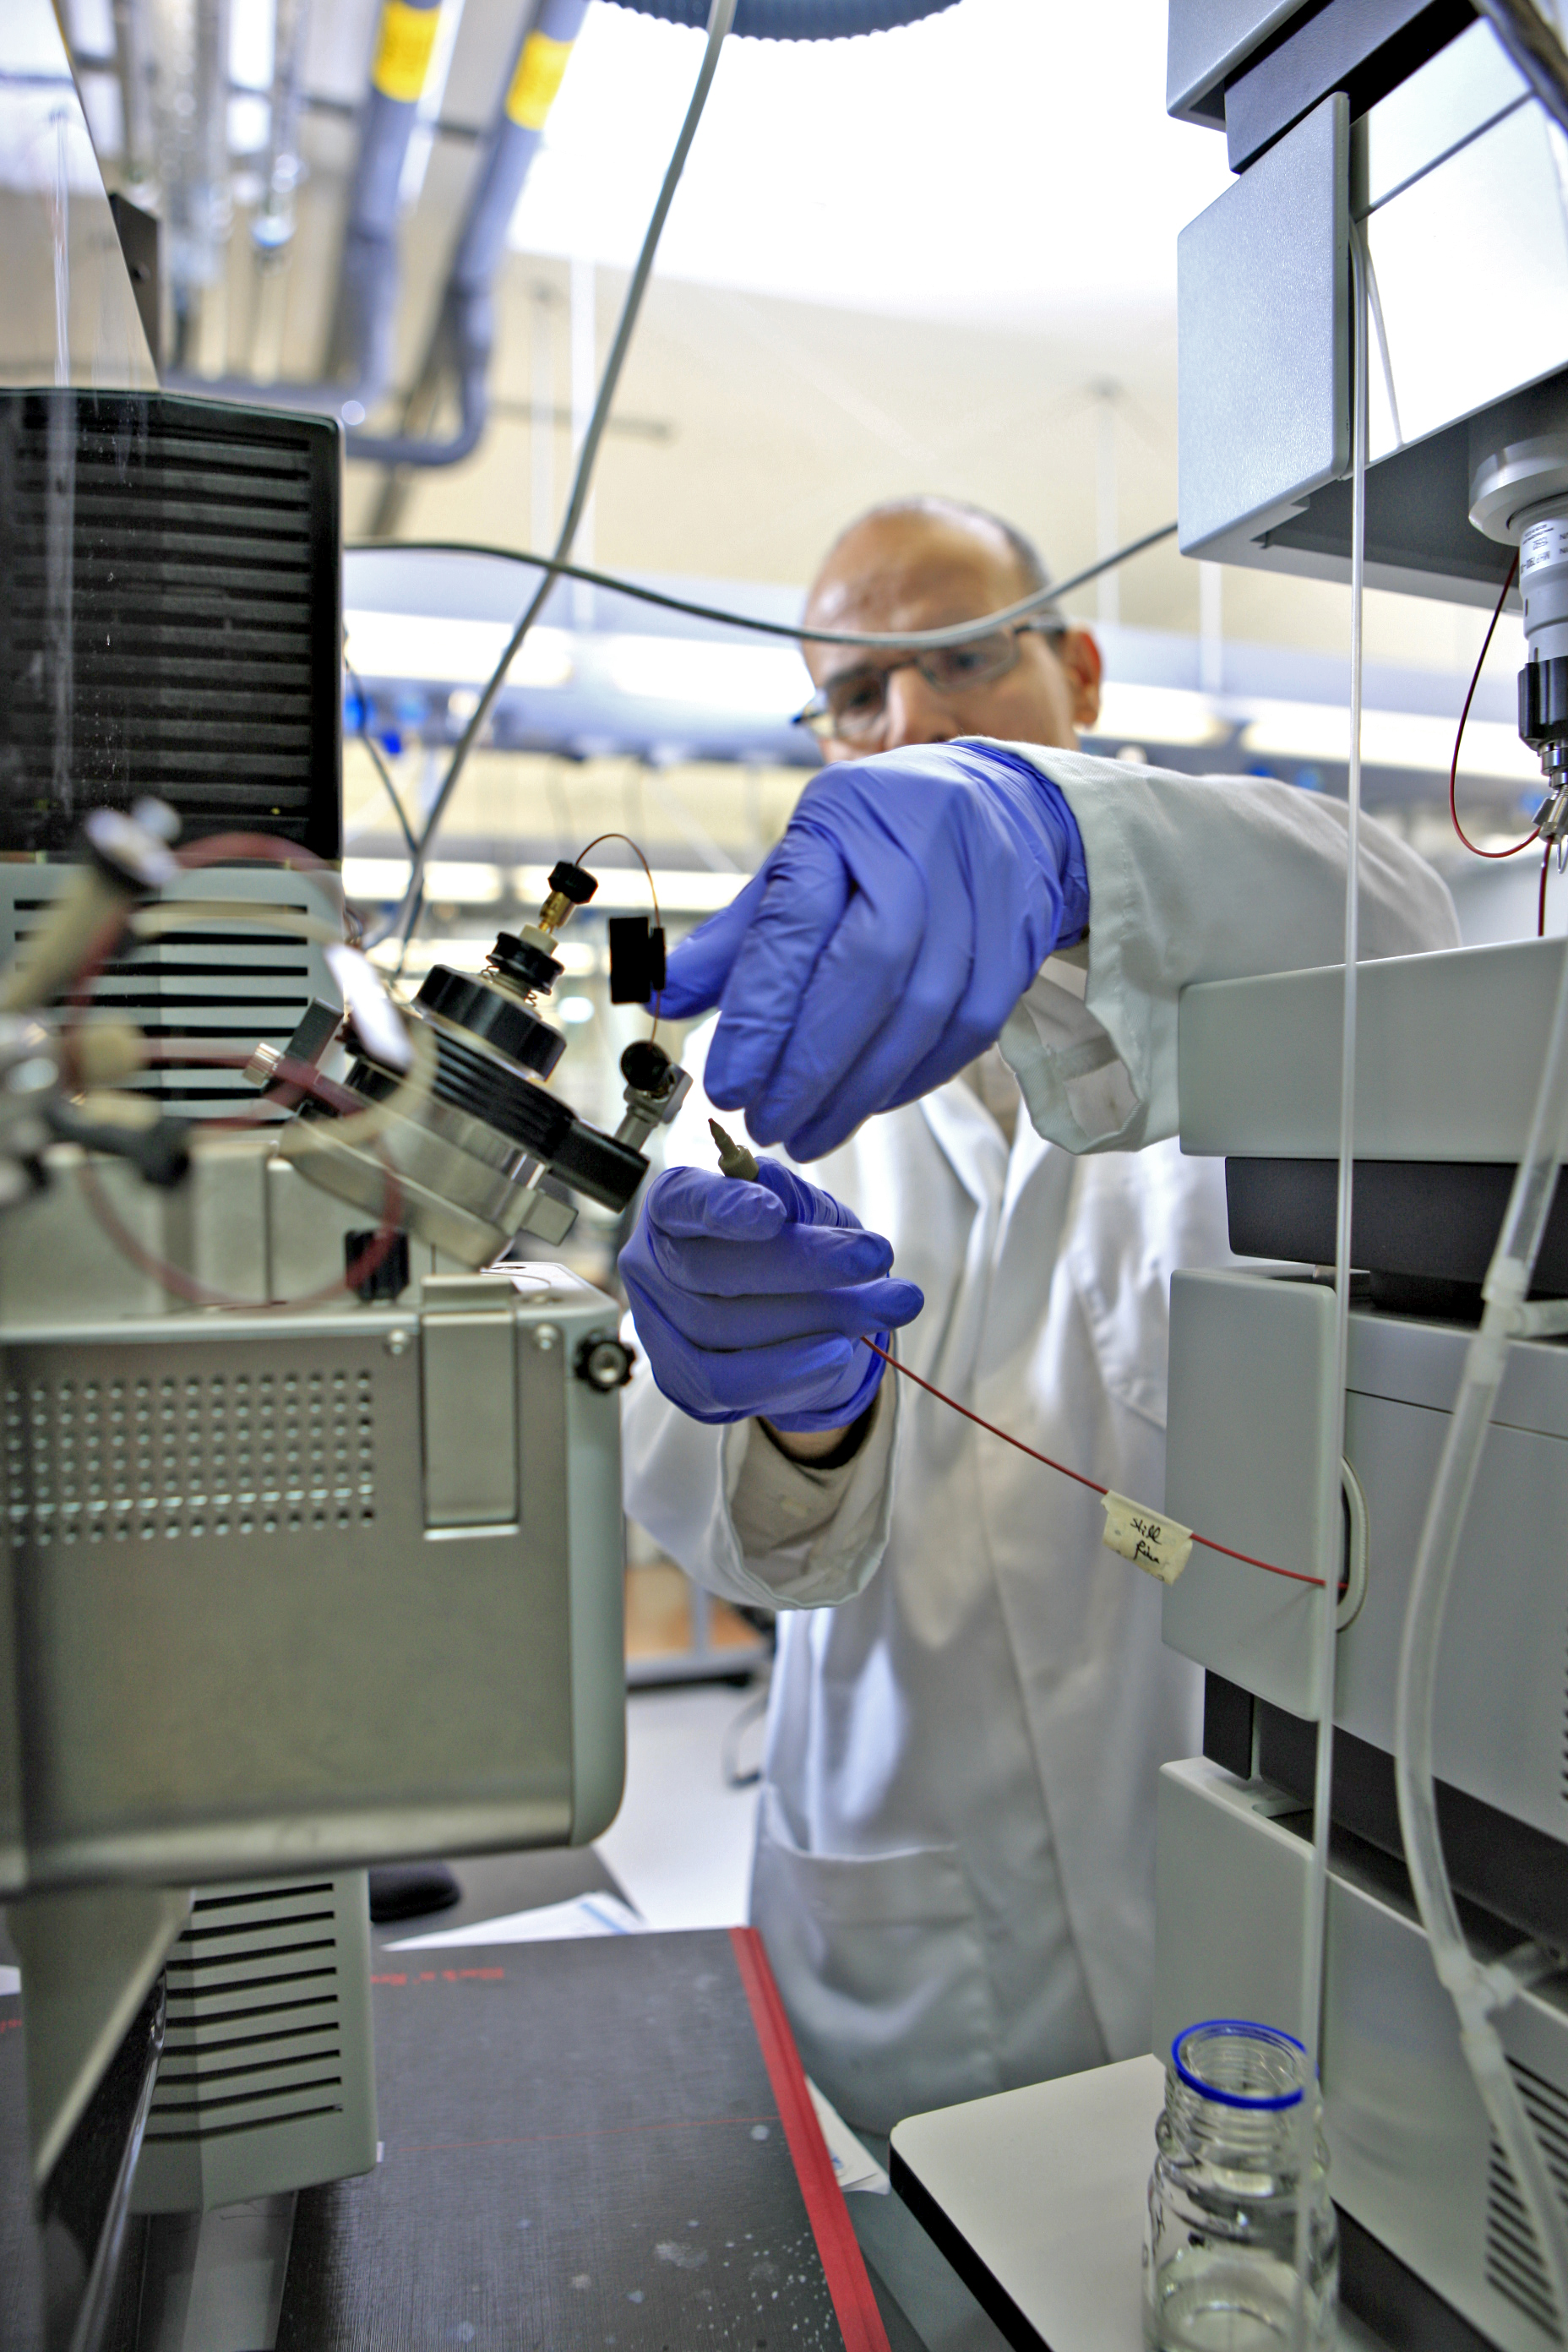 https://proteomics.lifesci.dundee.ac.uk/sites/proteomics.lifesci.dundee.ac.uk/files/Quantiva%202_8422.jpg